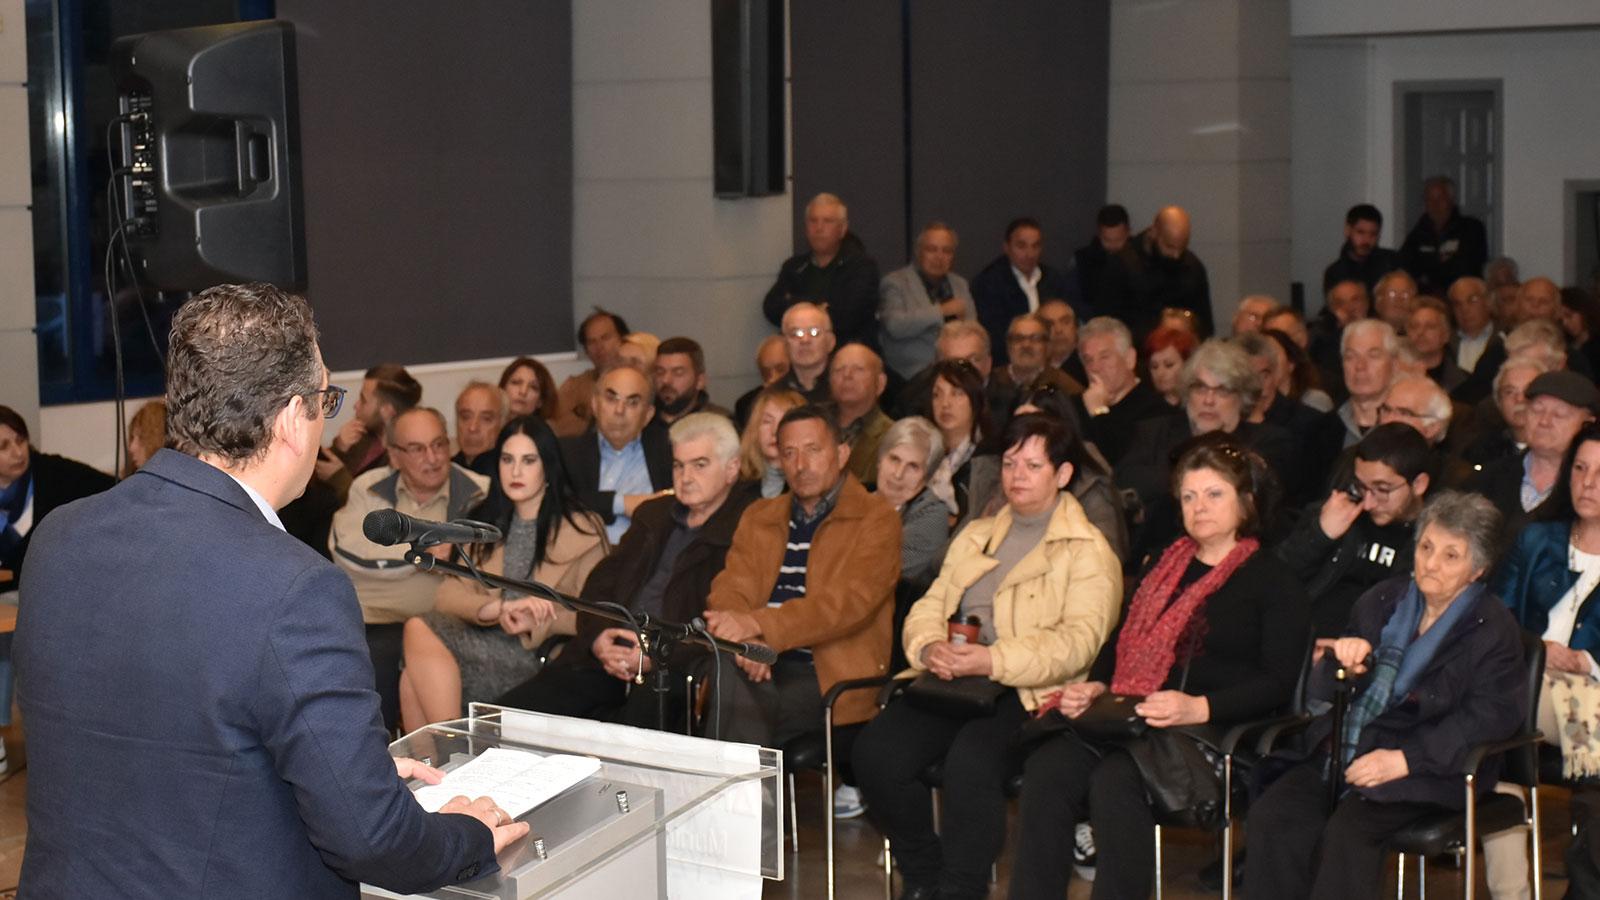 Εκδήλωση με θέμα την πρόταση του ΚΚΕ για τη διαχείριση των απορριμμάτων προς όφελος του λαού (VIDEO - ΦΩΤΟ)